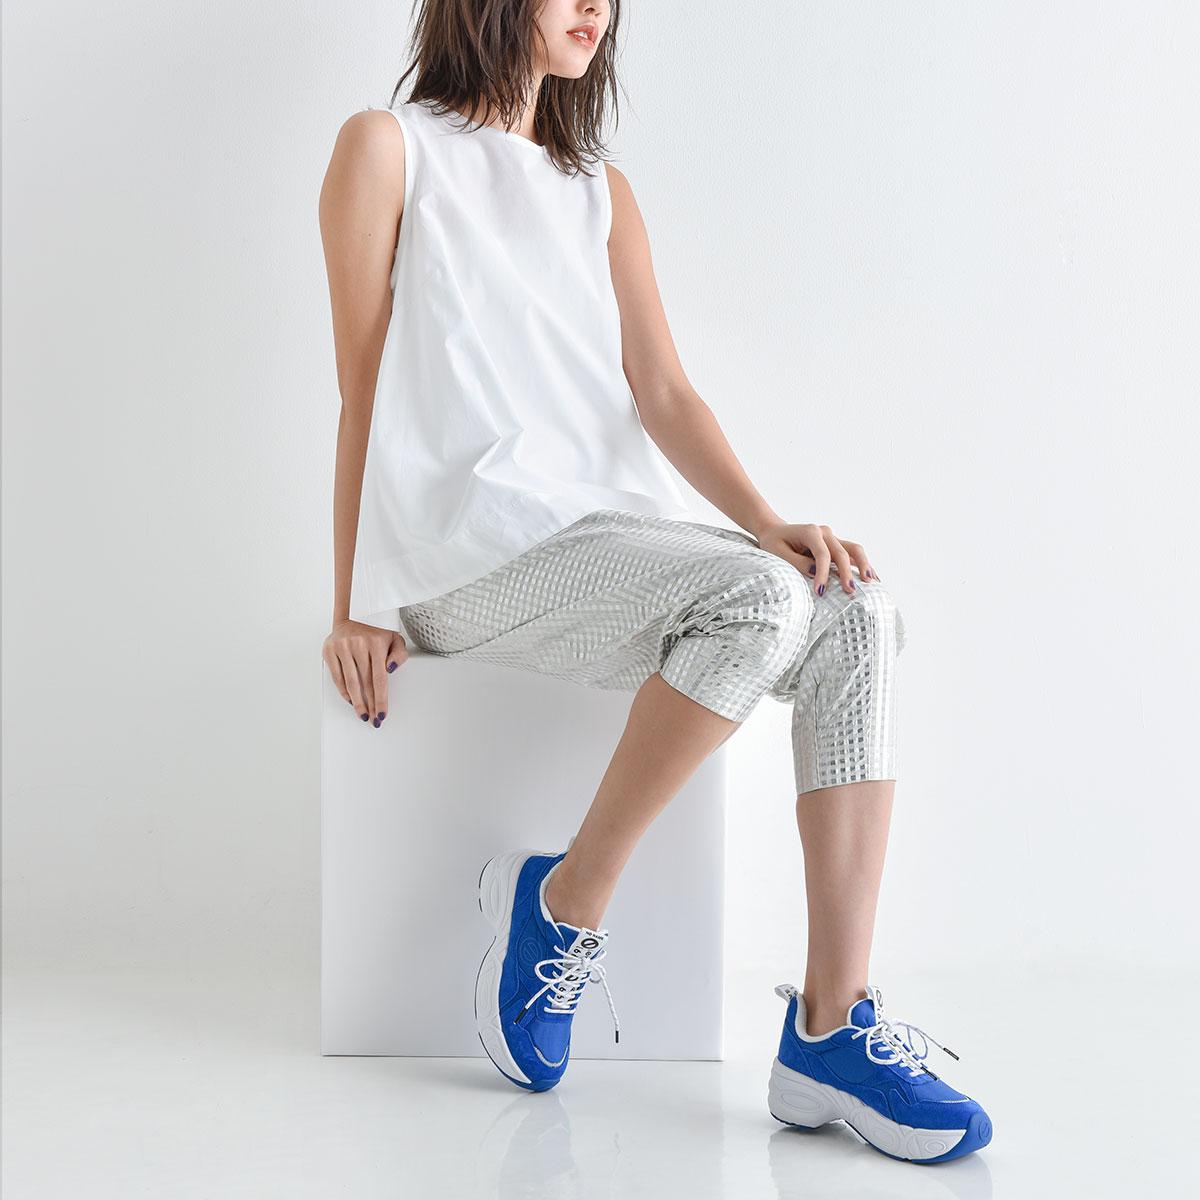 [50%OFF]NONAME[ノーネーム][スニーカー]NITRO-91103-BLUE[ブルー]